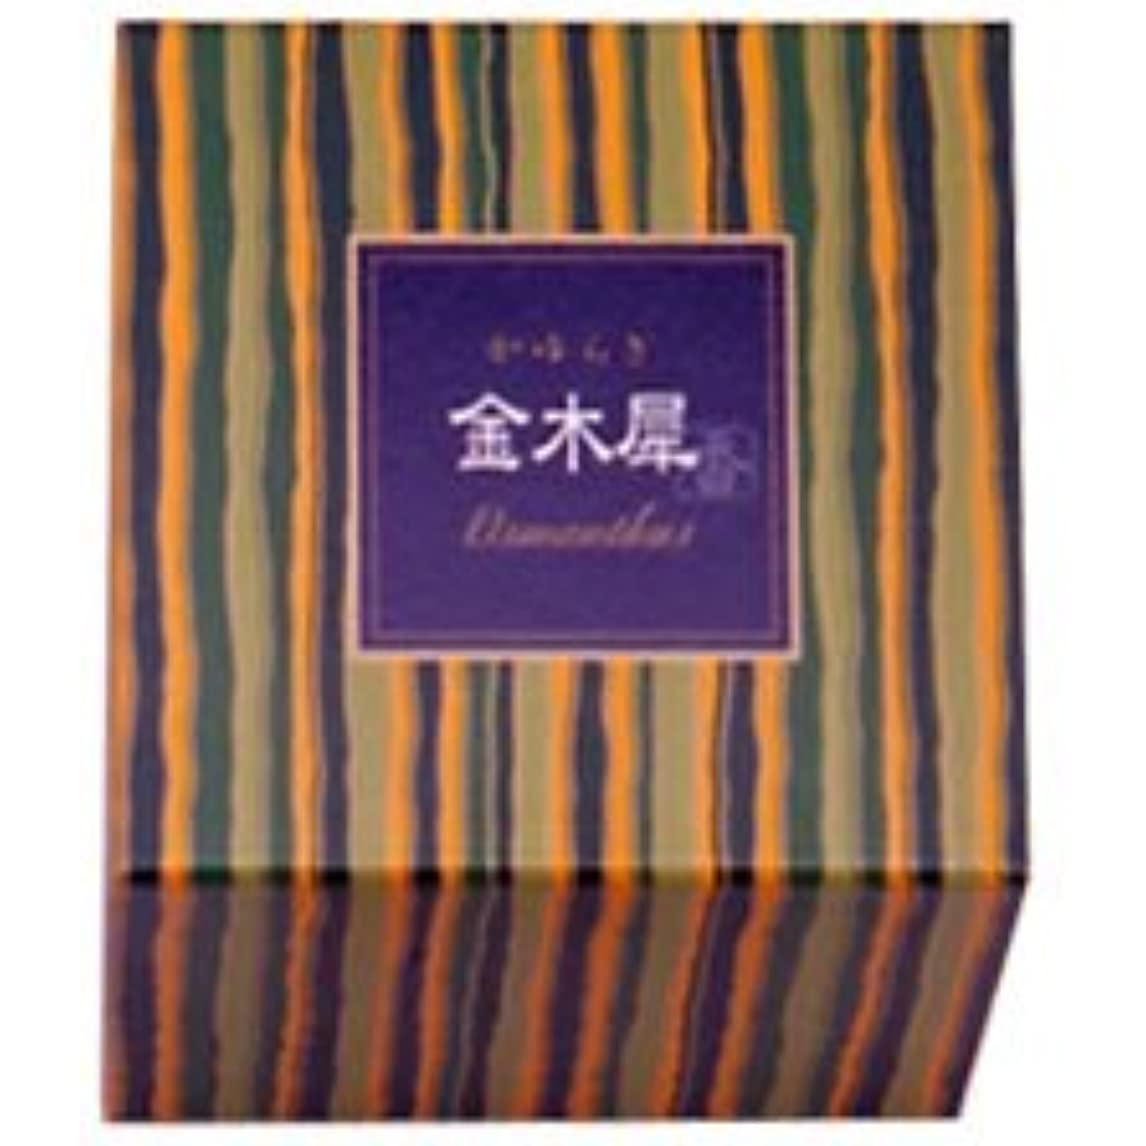 失態巻き戻す落花生Osmanthus Kayuragi Japanese Incense by Nippon Kodo、12 Cones